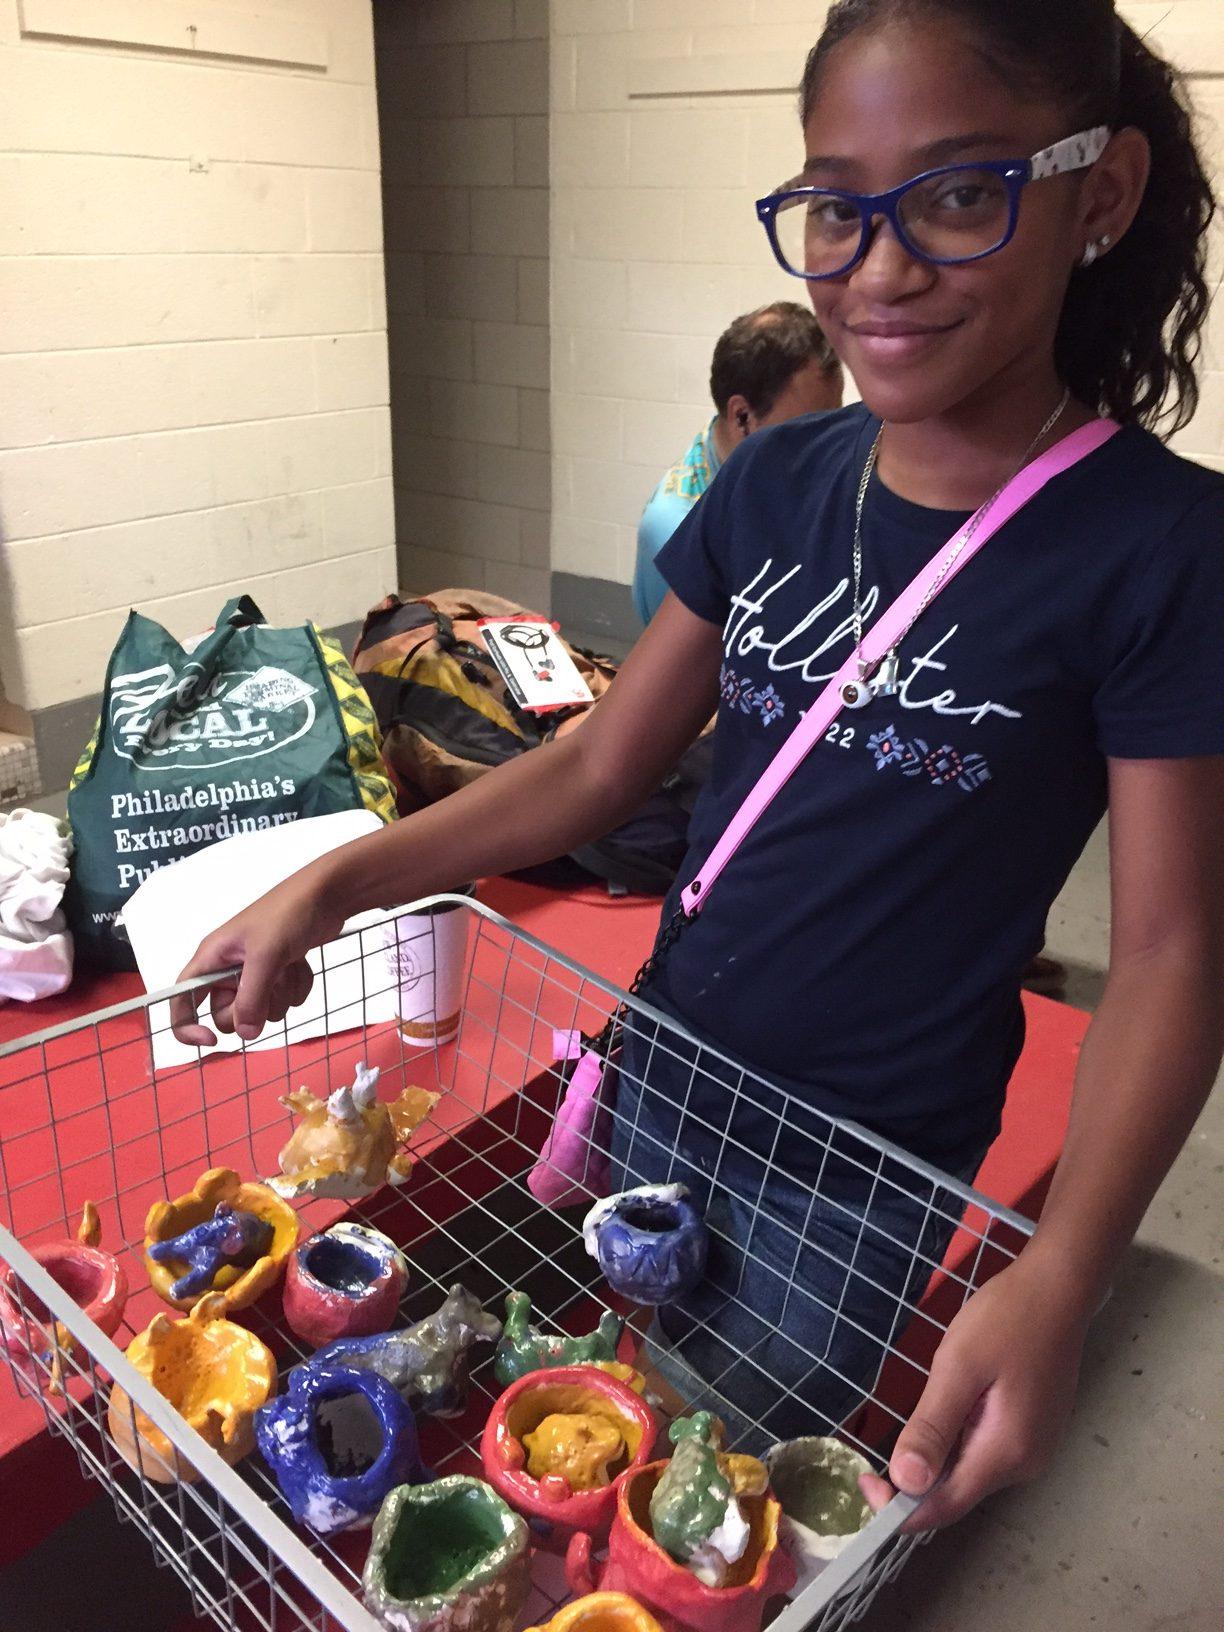 Philadelphia's Extraordinary Student Helpers!